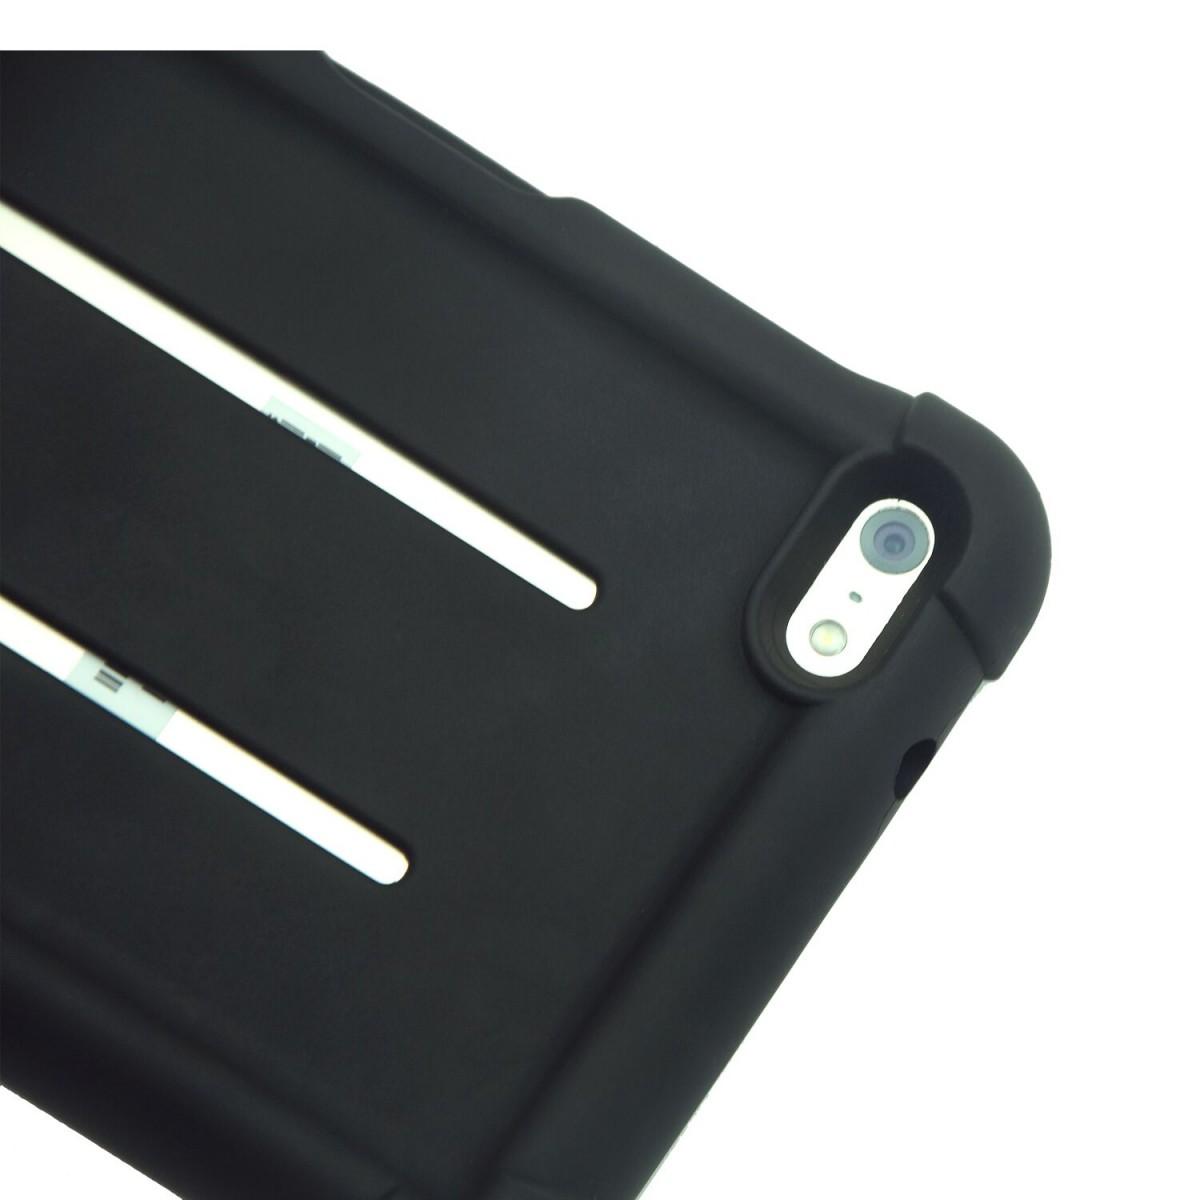 Huawei Mediapad T2 7 0 Pro Case